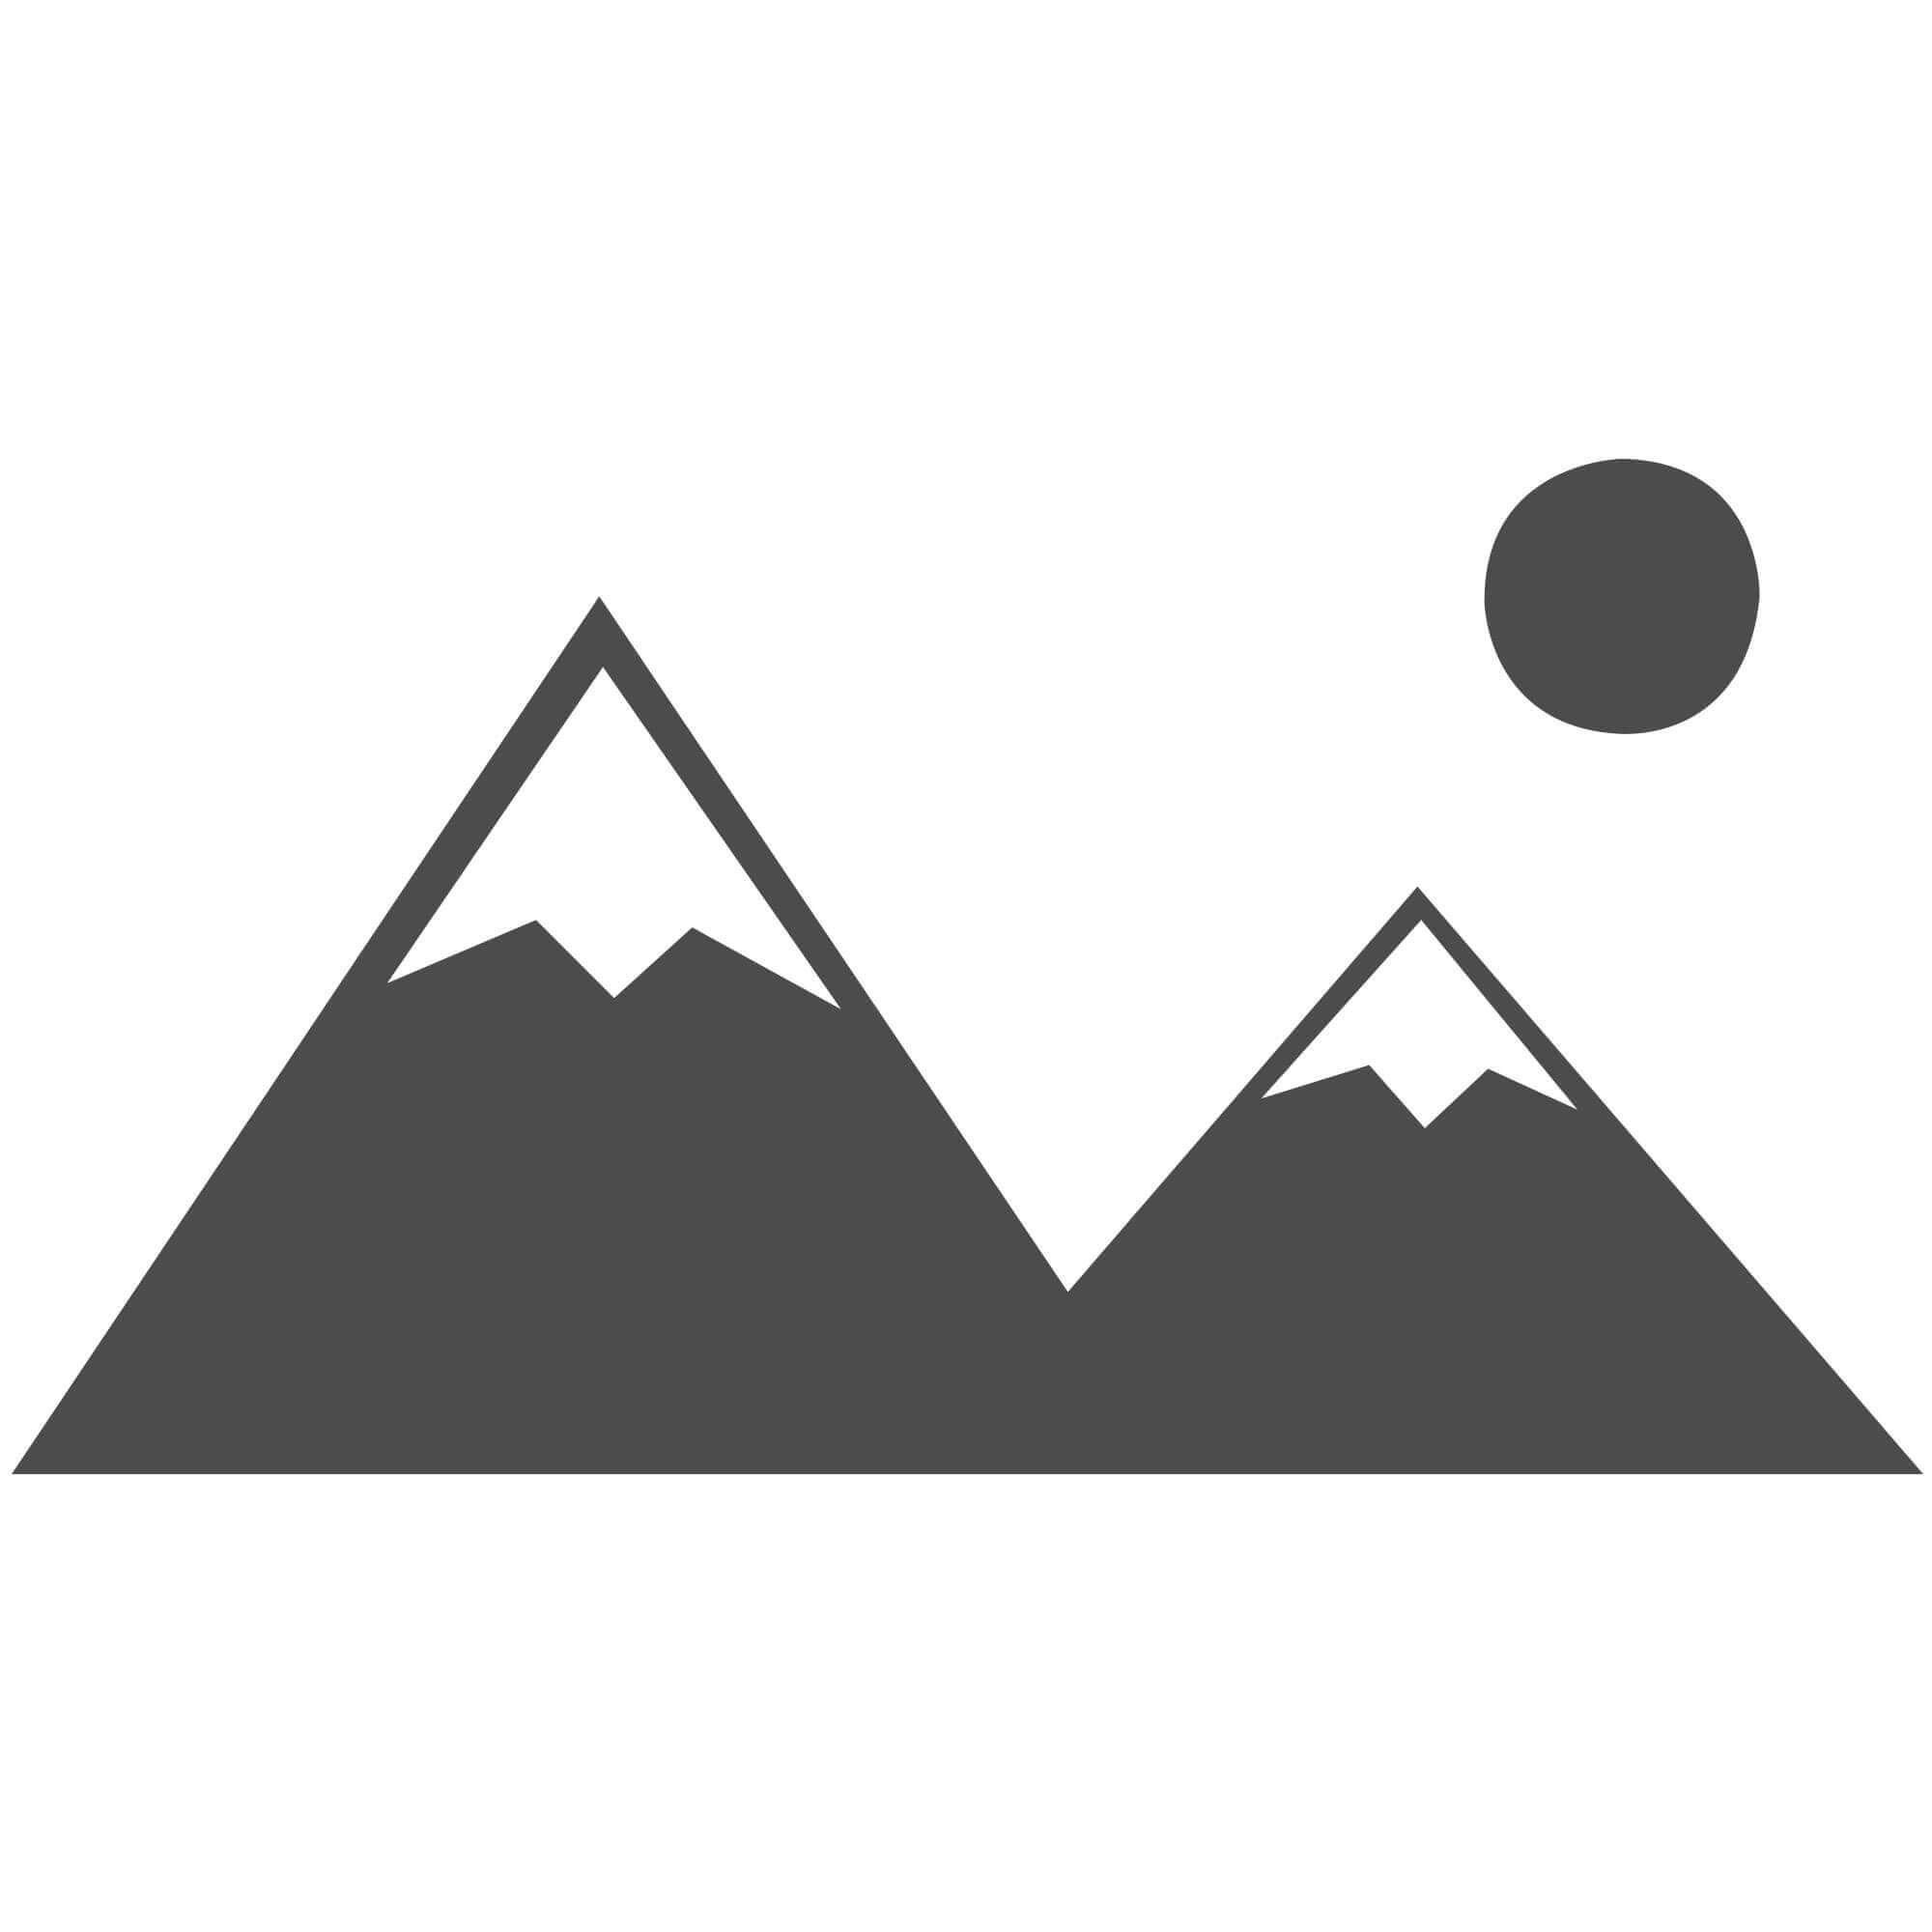 TREND CSB/16524T Craft saw blade 165mm x 24 teeth x 20 thin